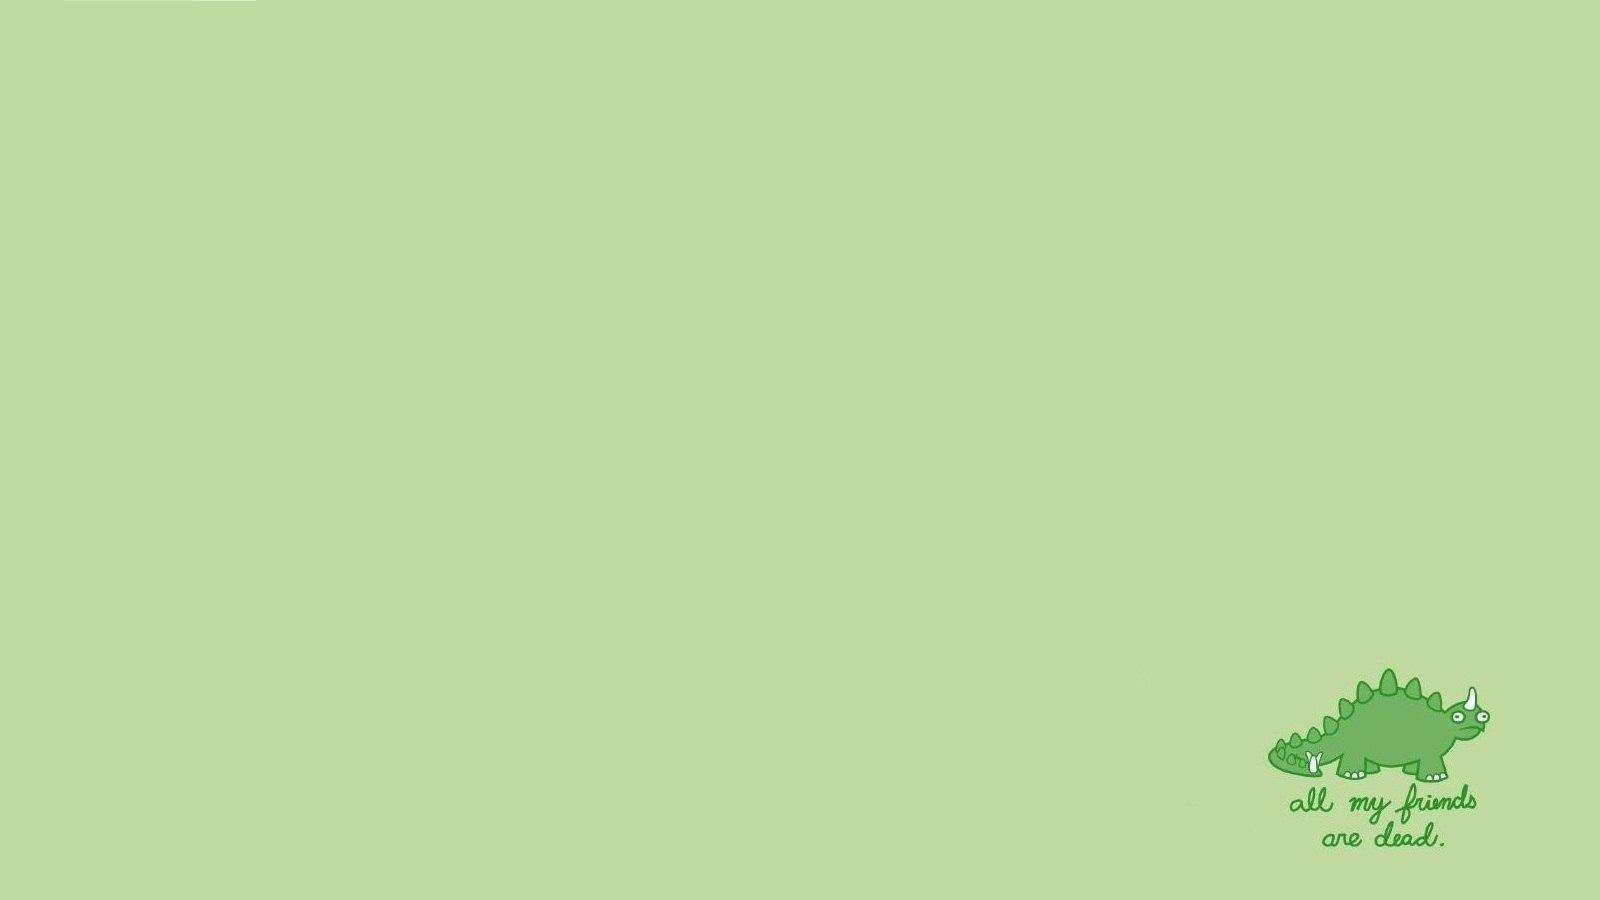 Simple wallpaper 1600x900 HQ WALLPAPER   42362 1600x900